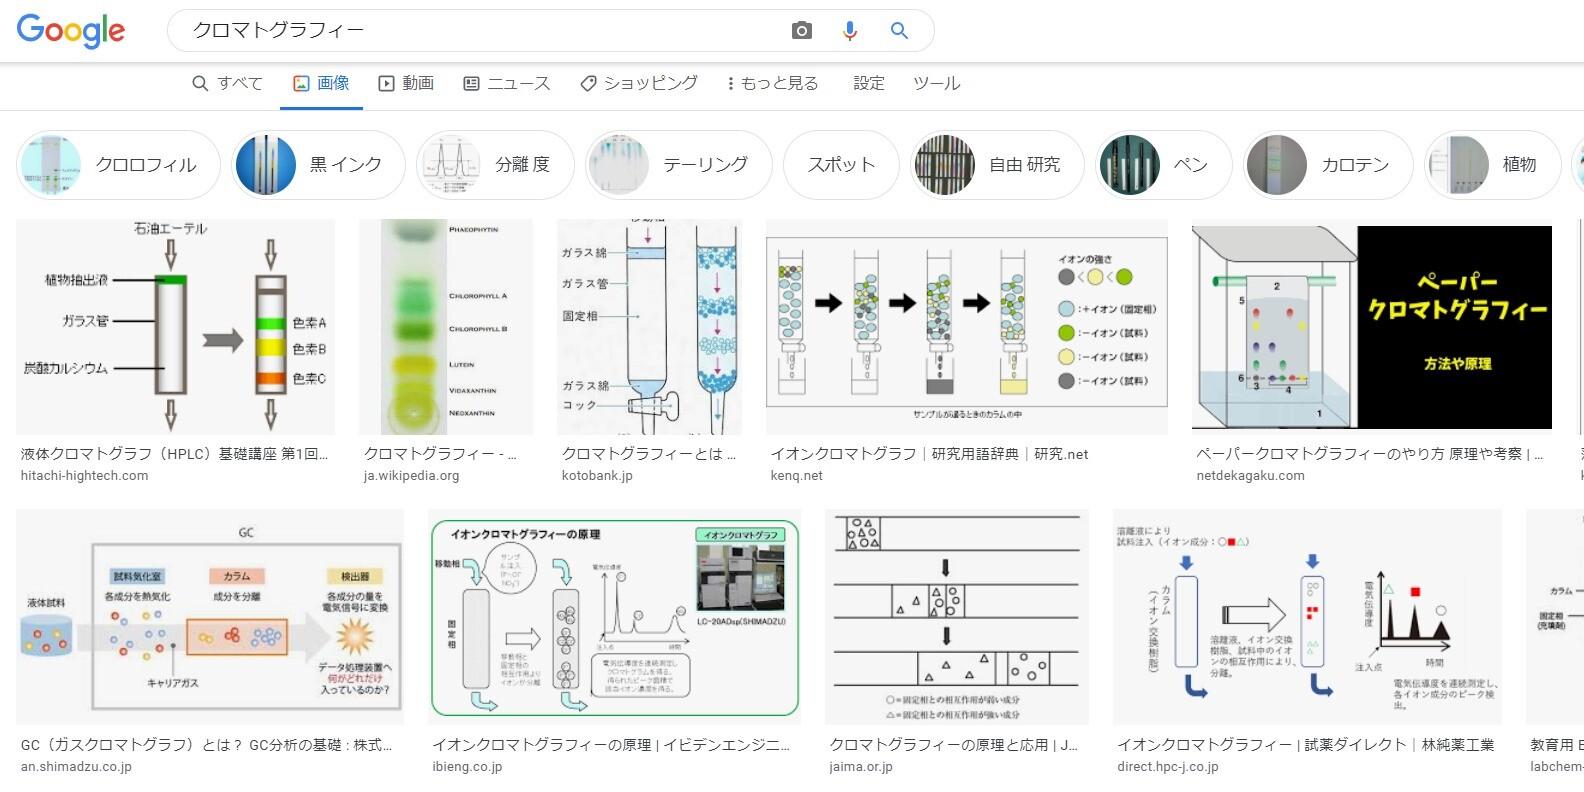 画像検索の例